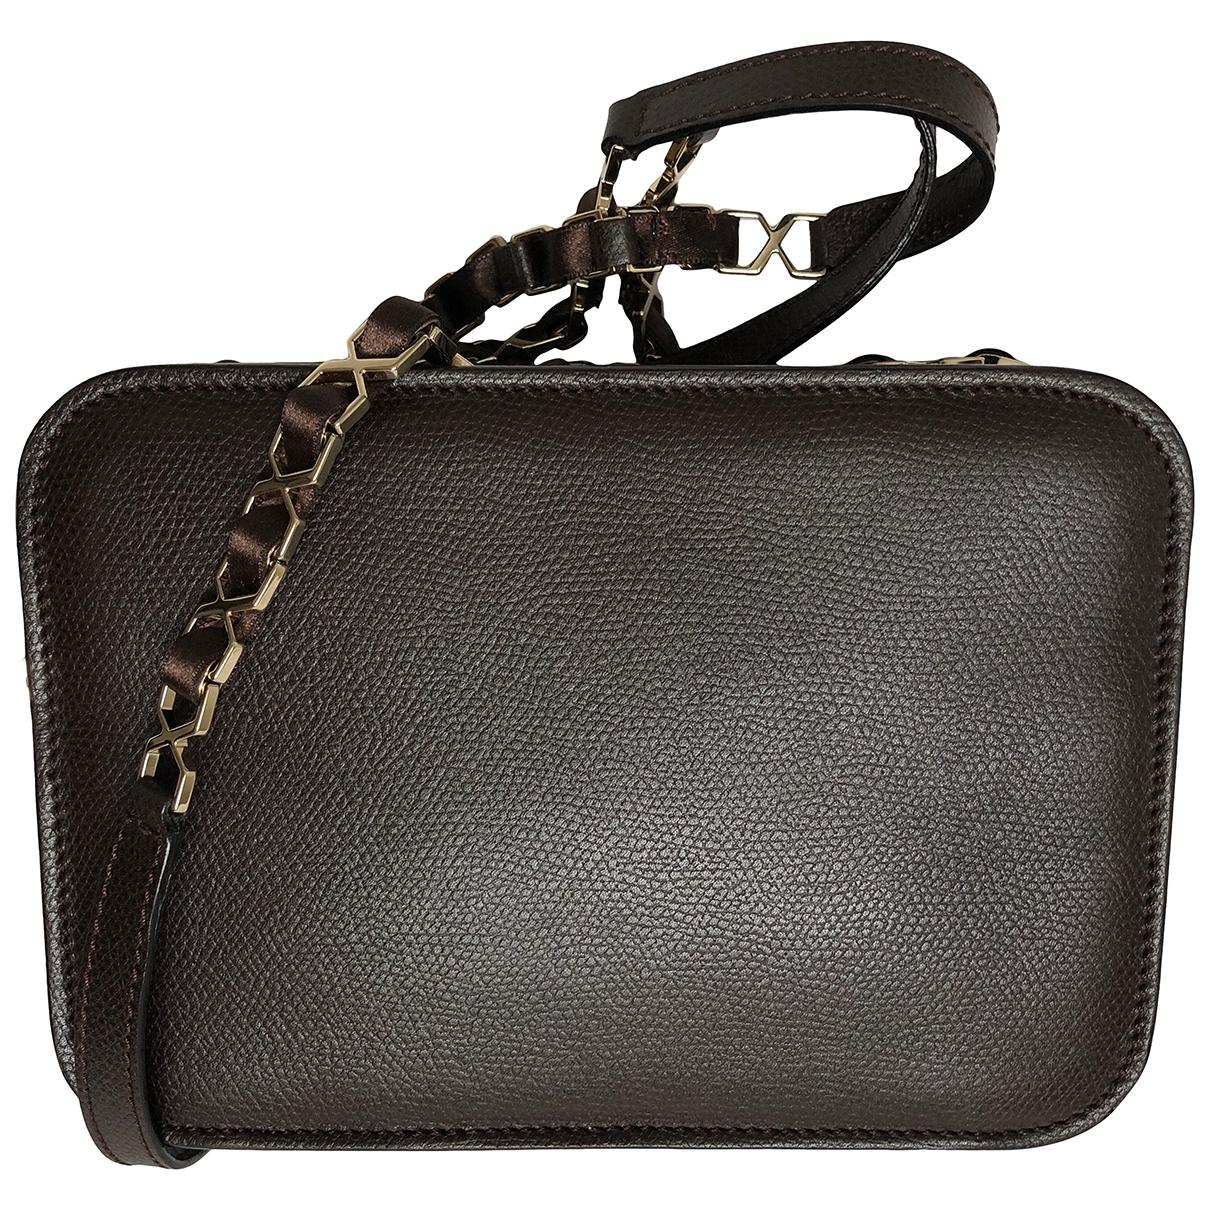 Valextra \N Handtasche in  Braun Leder